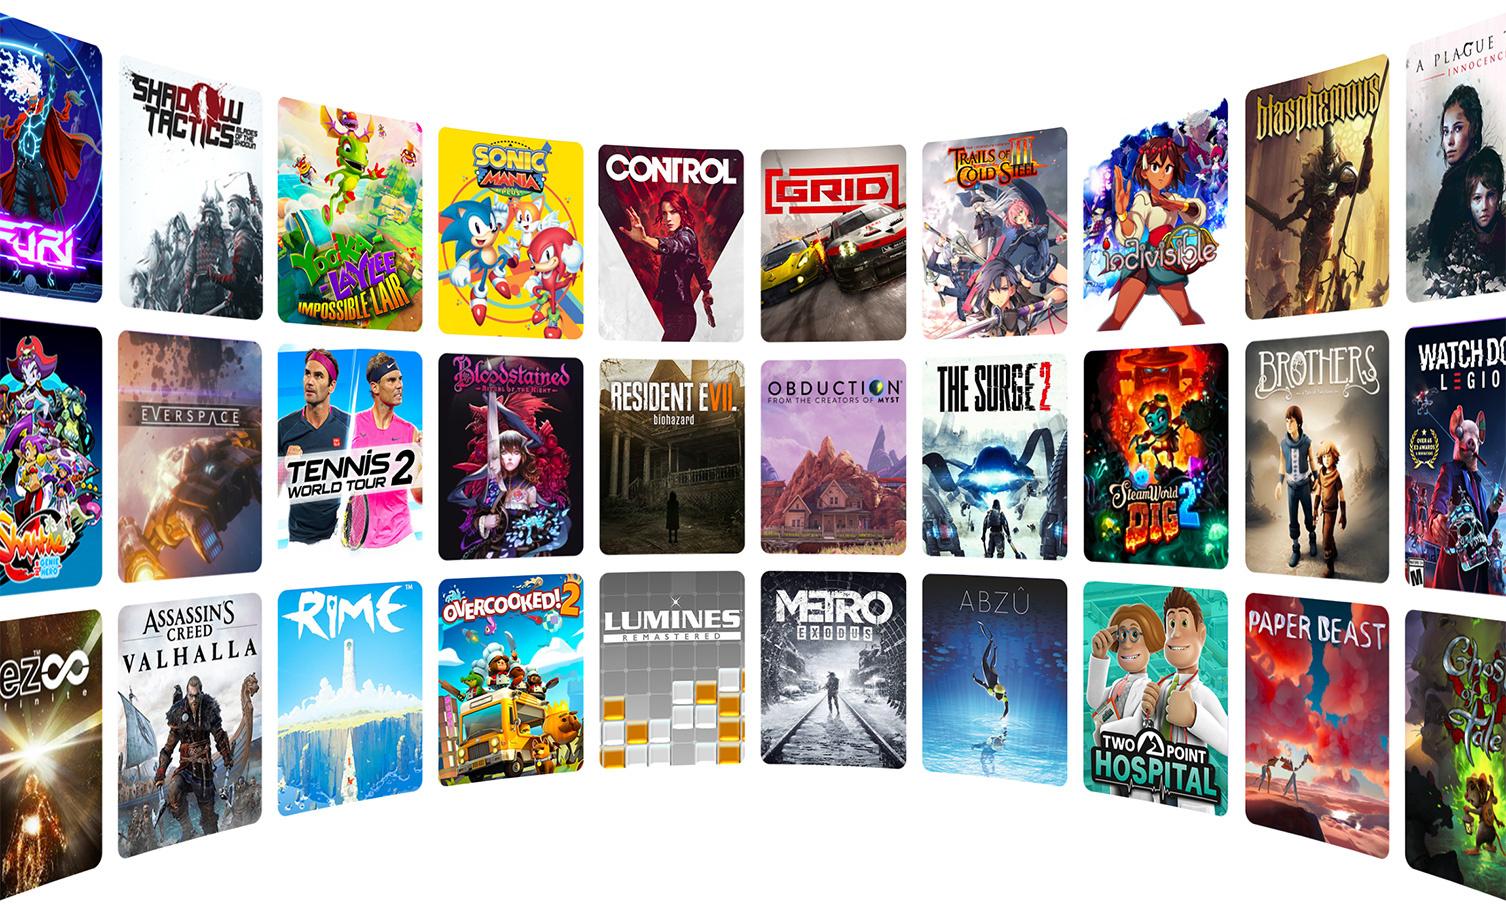 Spiele von Ubisoft, Capcom, 505 Games und Team 17 sind nur der Anfang